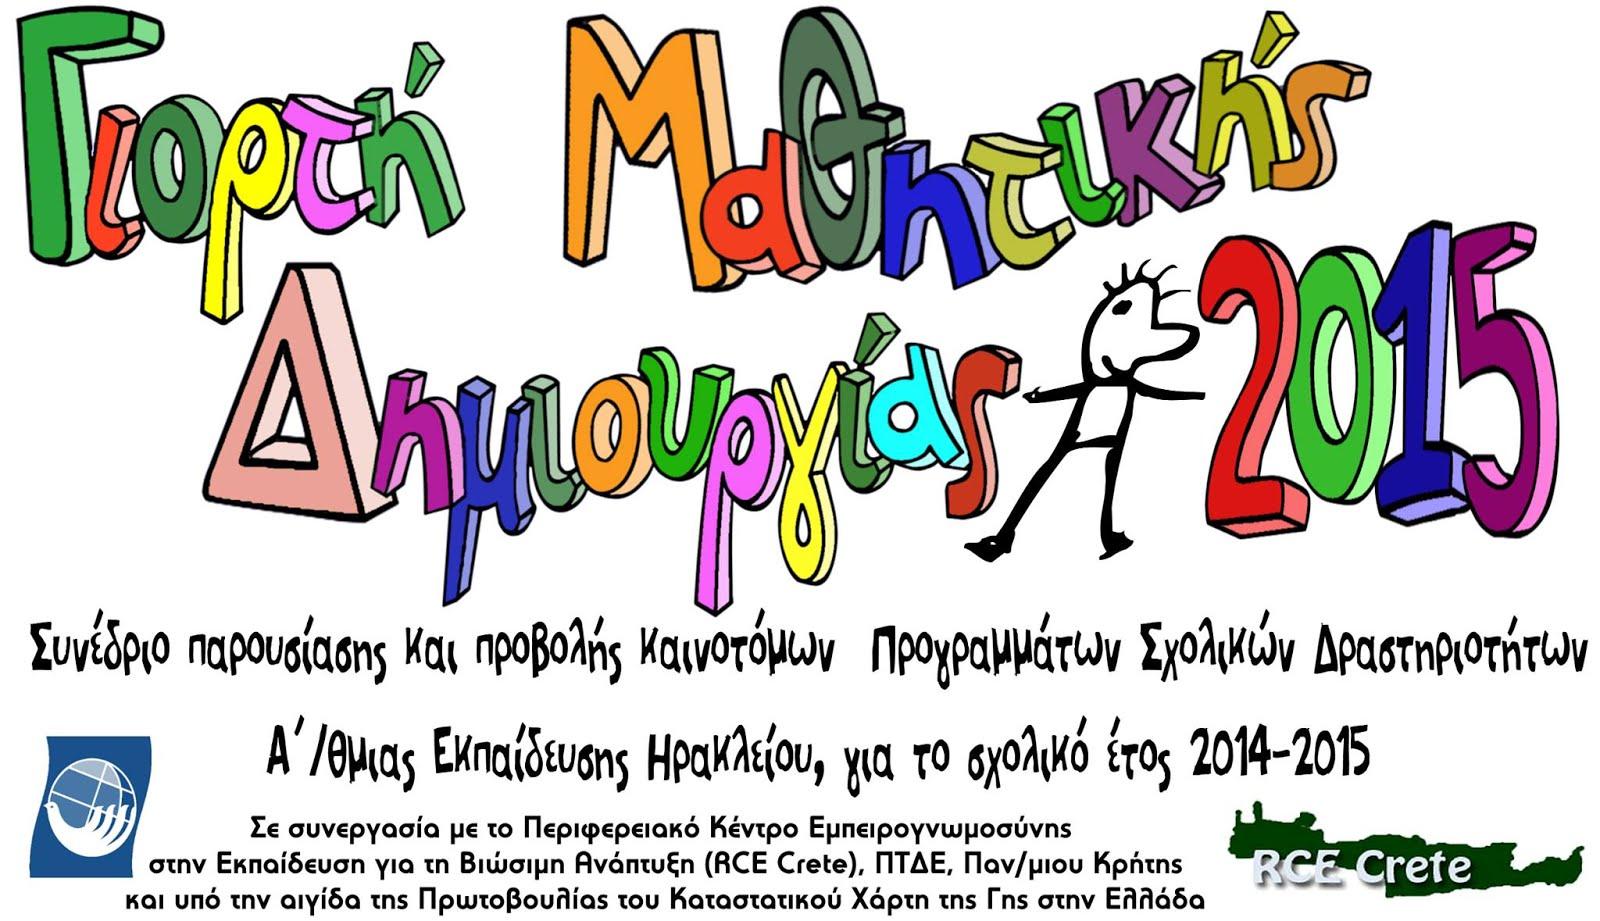 Γιορτη Μαθητικης Δημιουργιας 2014-2015